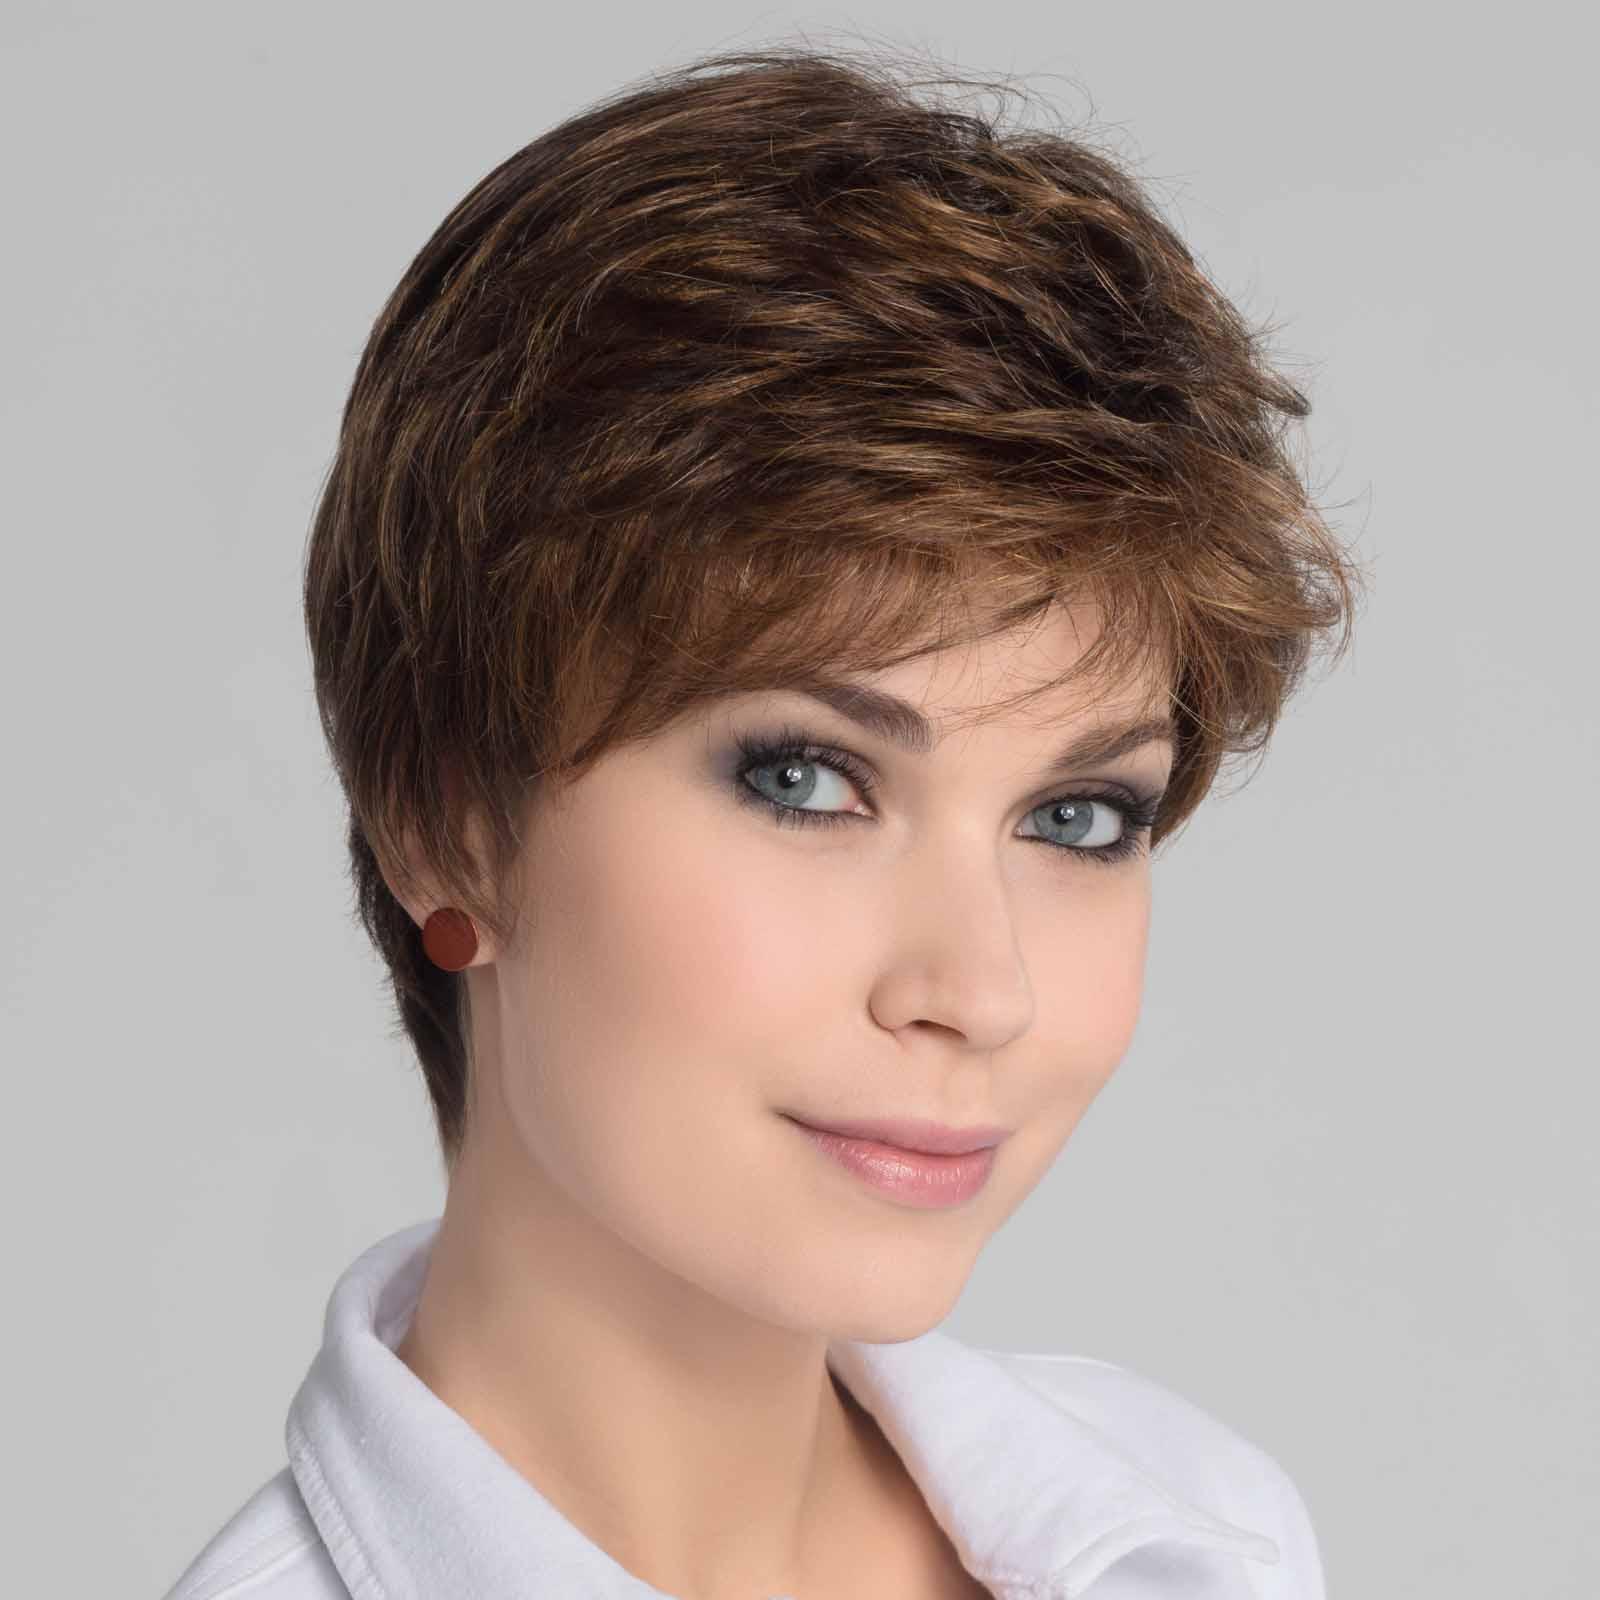 wigs for alopecia